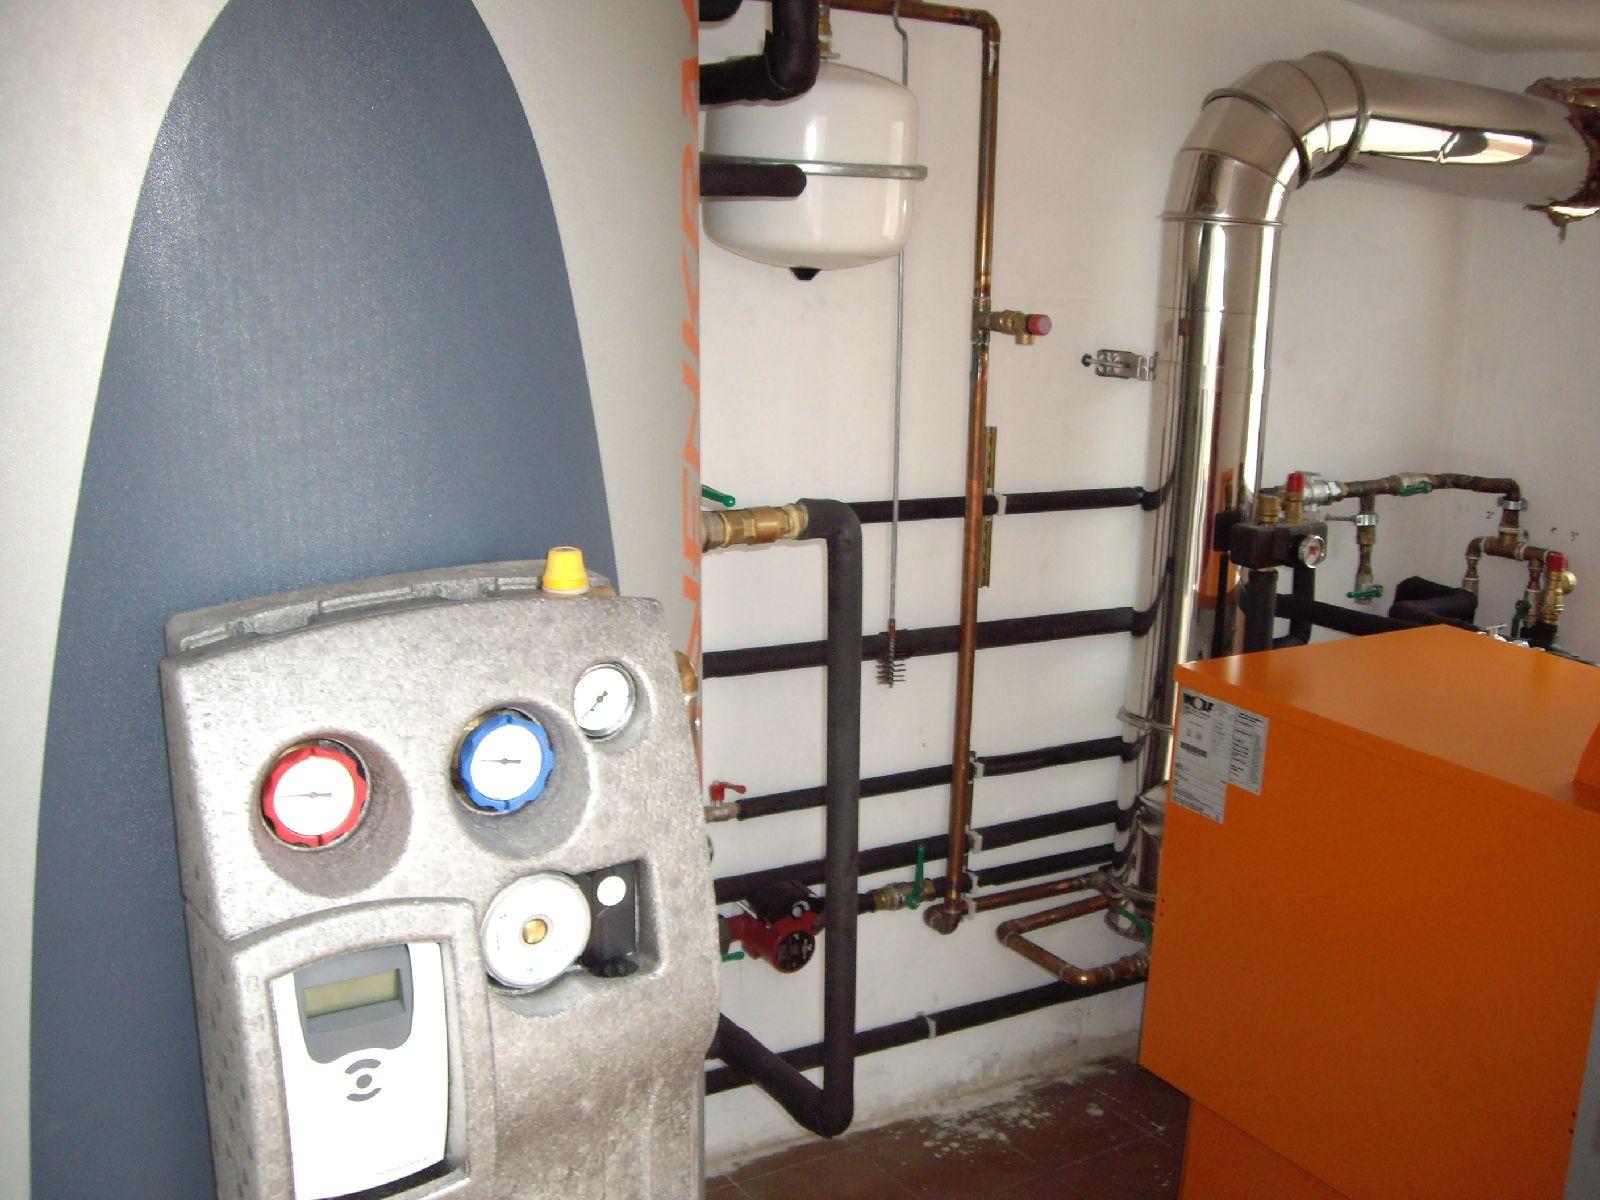 Instalacion de calefaccion solar - Placas ceramicas calefaccion ...